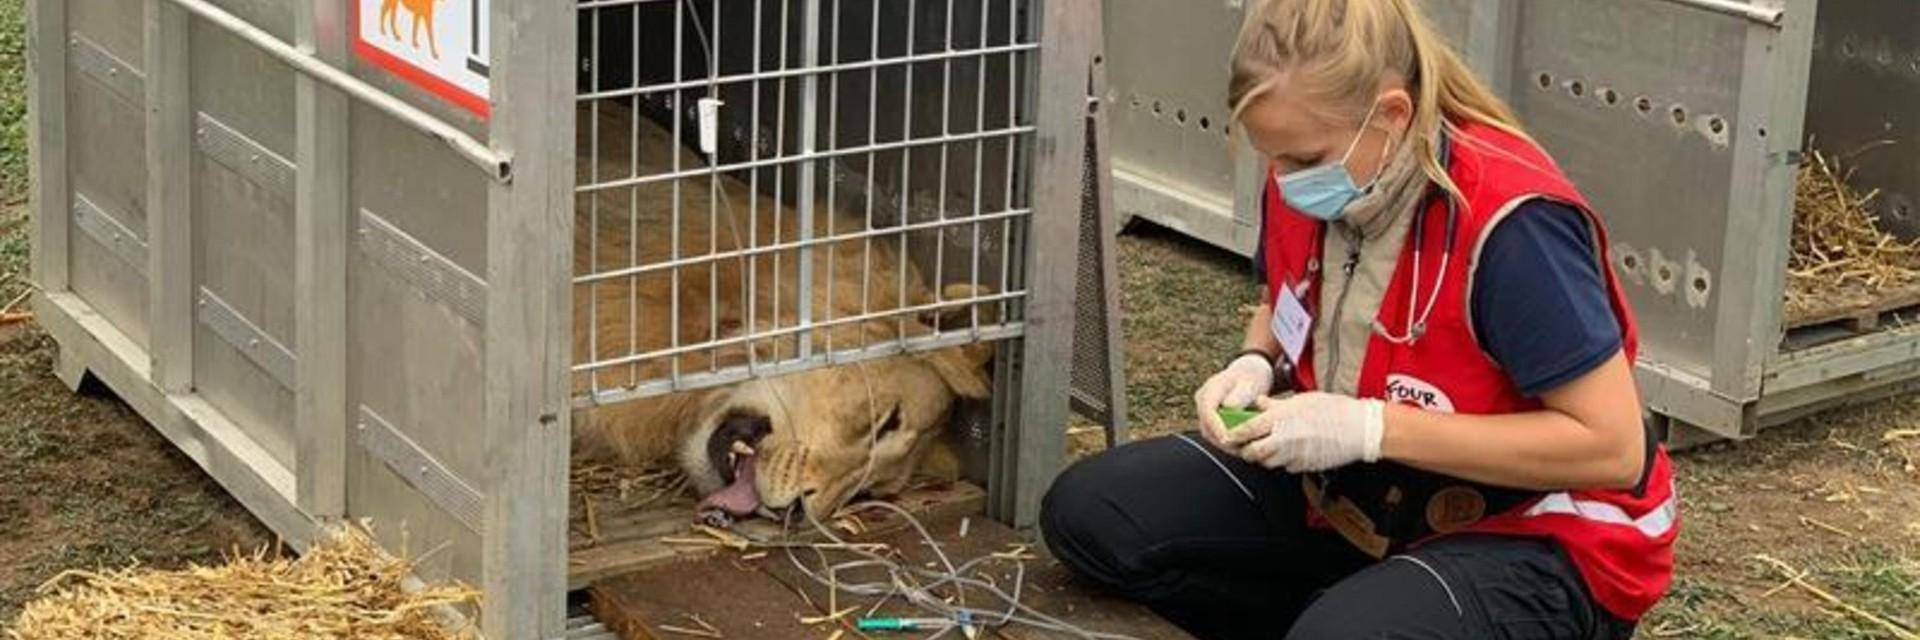 Lion rescue in Romania